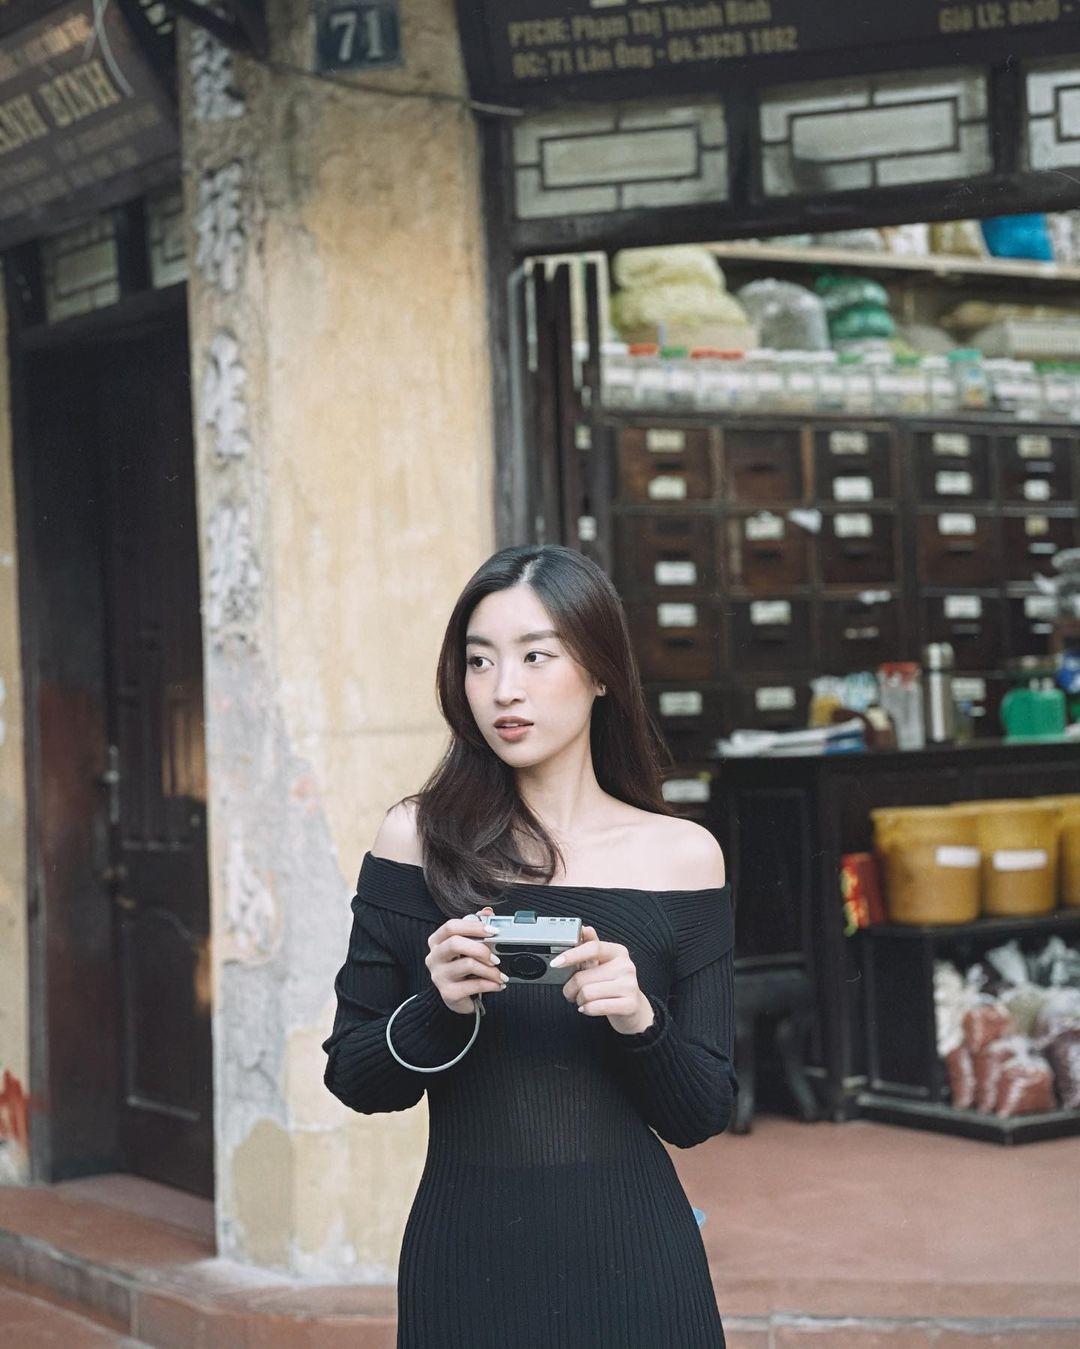 Tiểu Vy mặc áo hai dây màu nude nóng bỏng, Đỗ Mỹ Linh vai trần quyến rũ xuống phố mùng 3 Tết ảnh 3